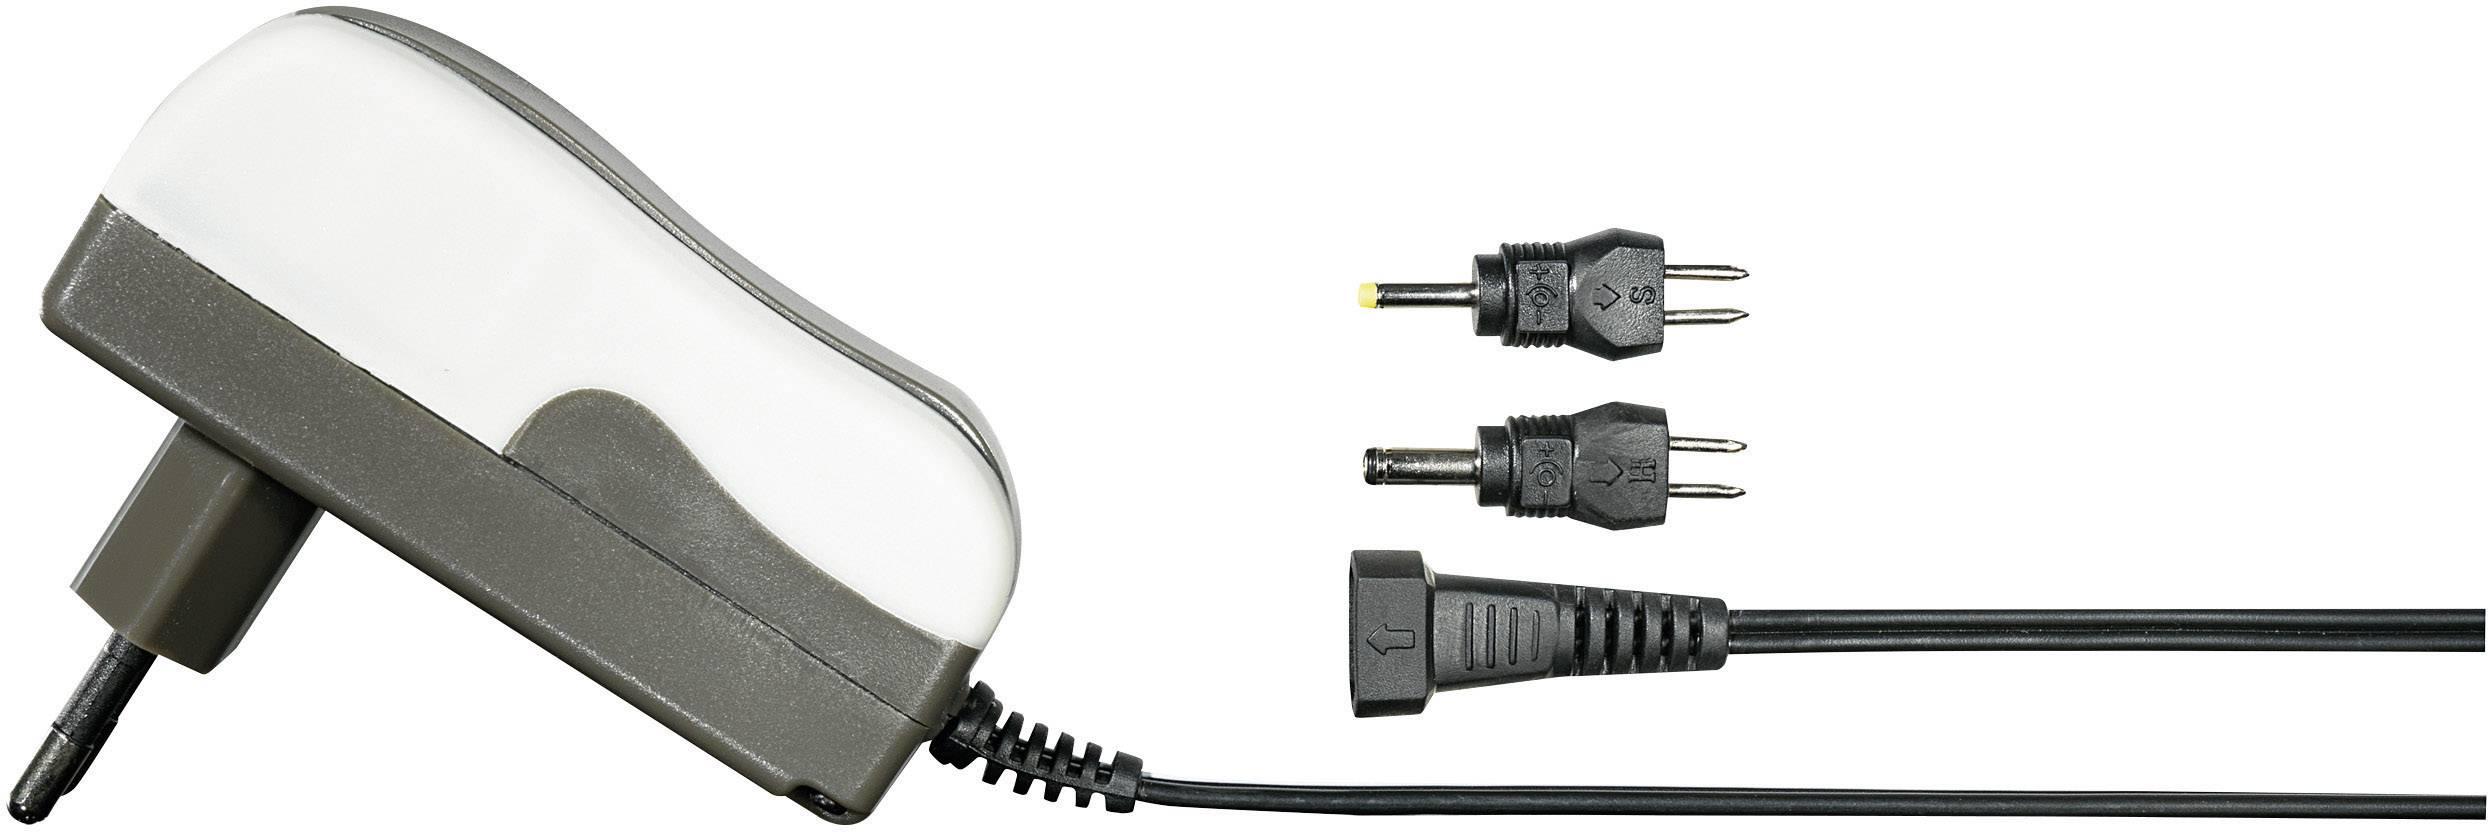 Sieťový adaptér Voltcraft SPH-10, 5 V/DC, 2100 mA